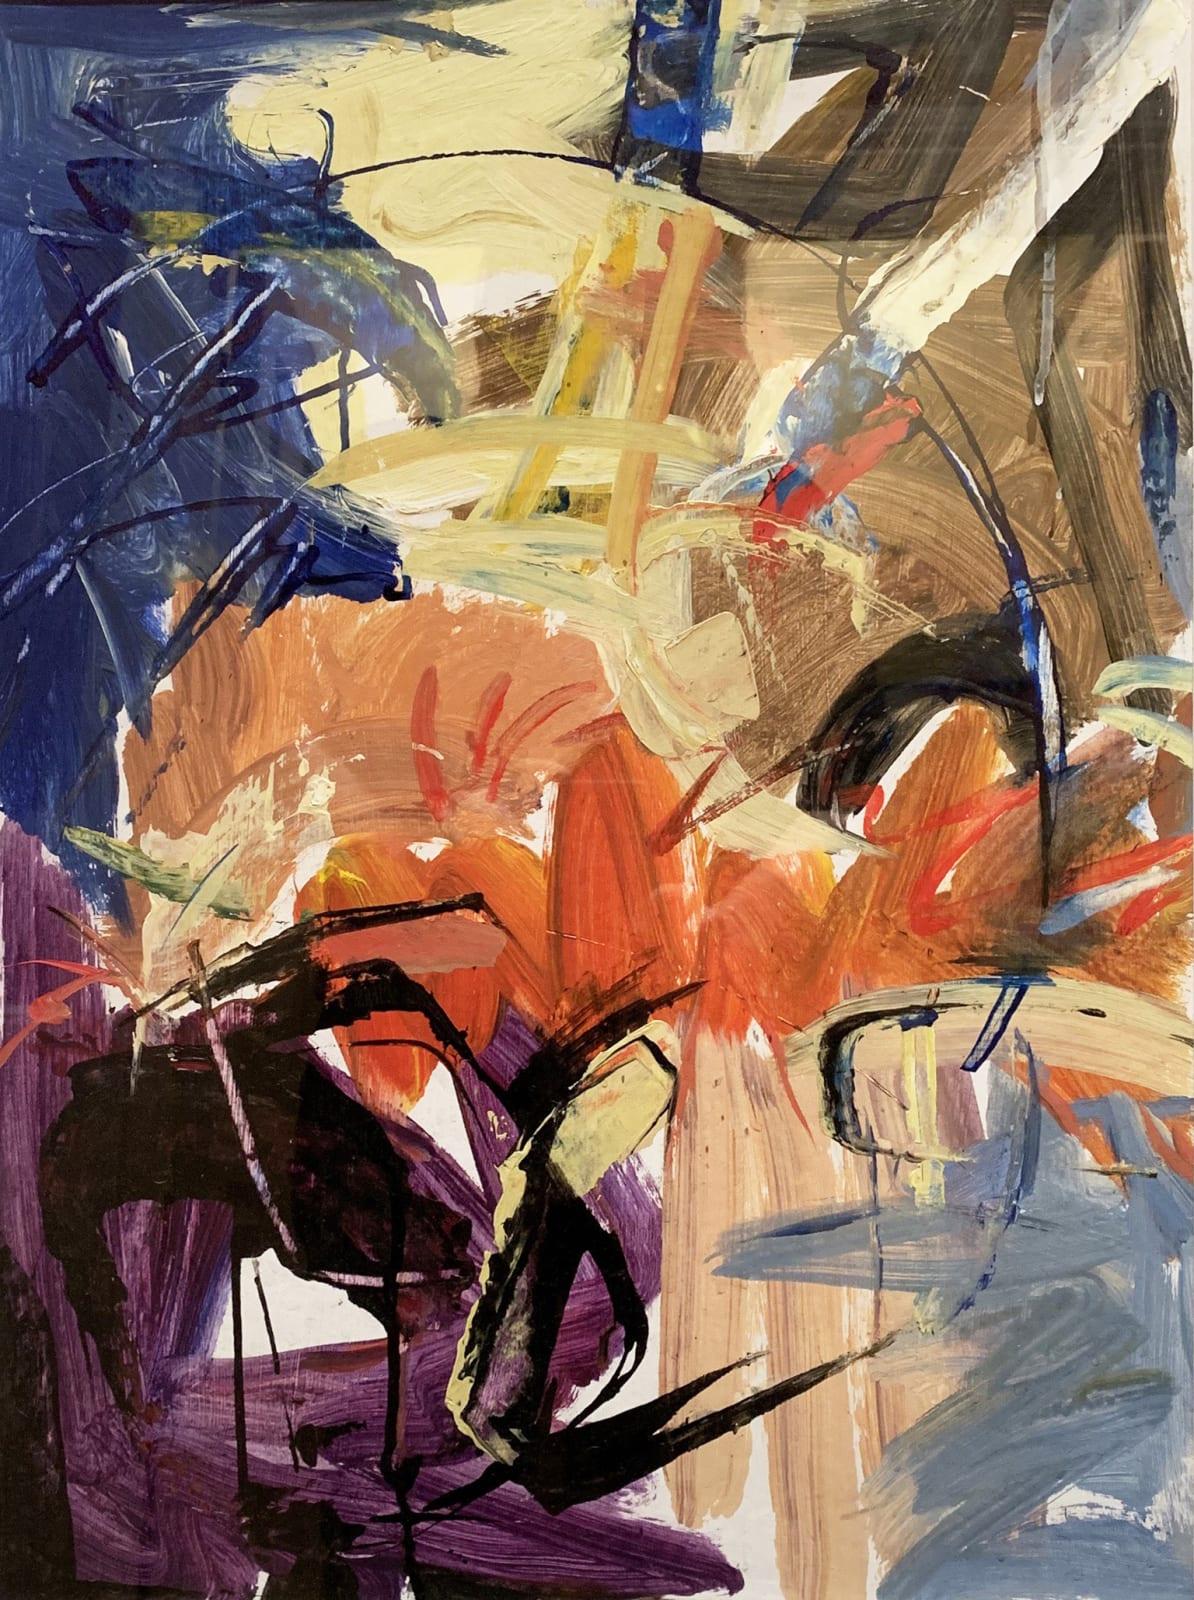 Tuëma Pattie, Combustion, 2005